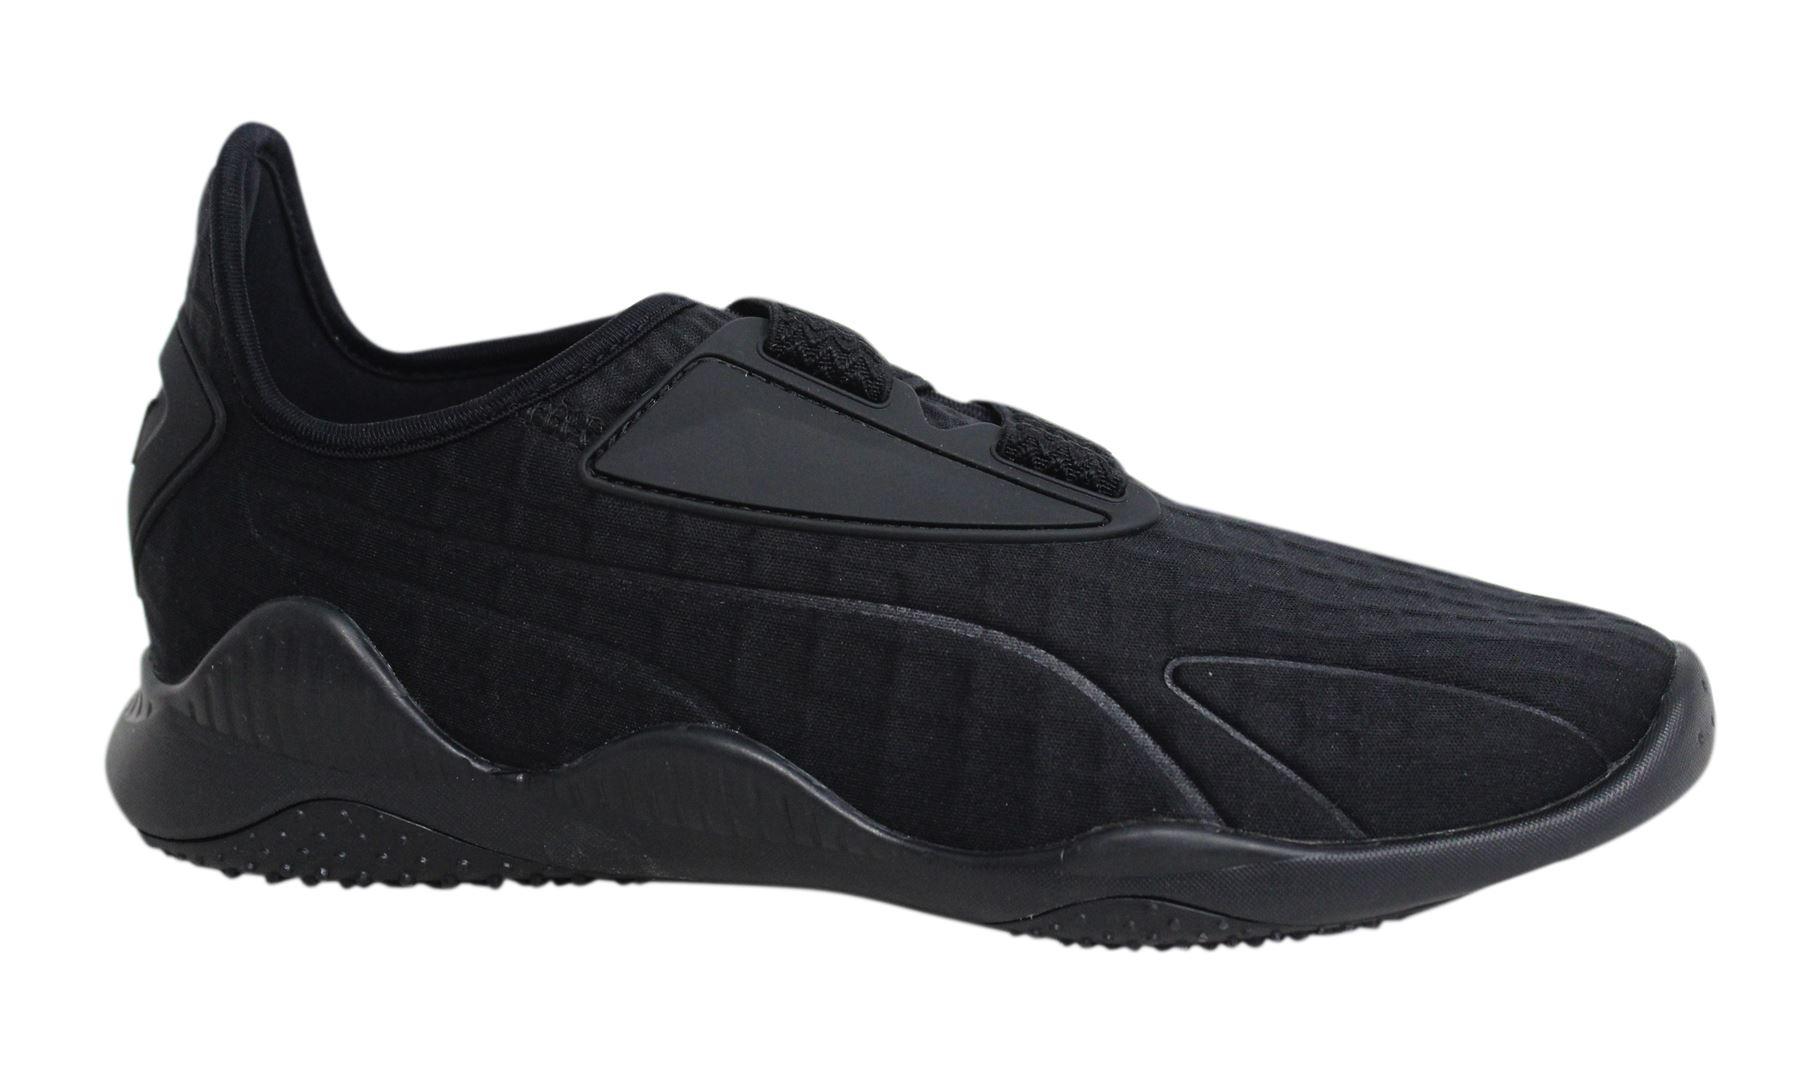 107ddbde17921 Puma Mostro Sangle Up Textile Noir Baskets pour Femme 363391 01 U8 ...